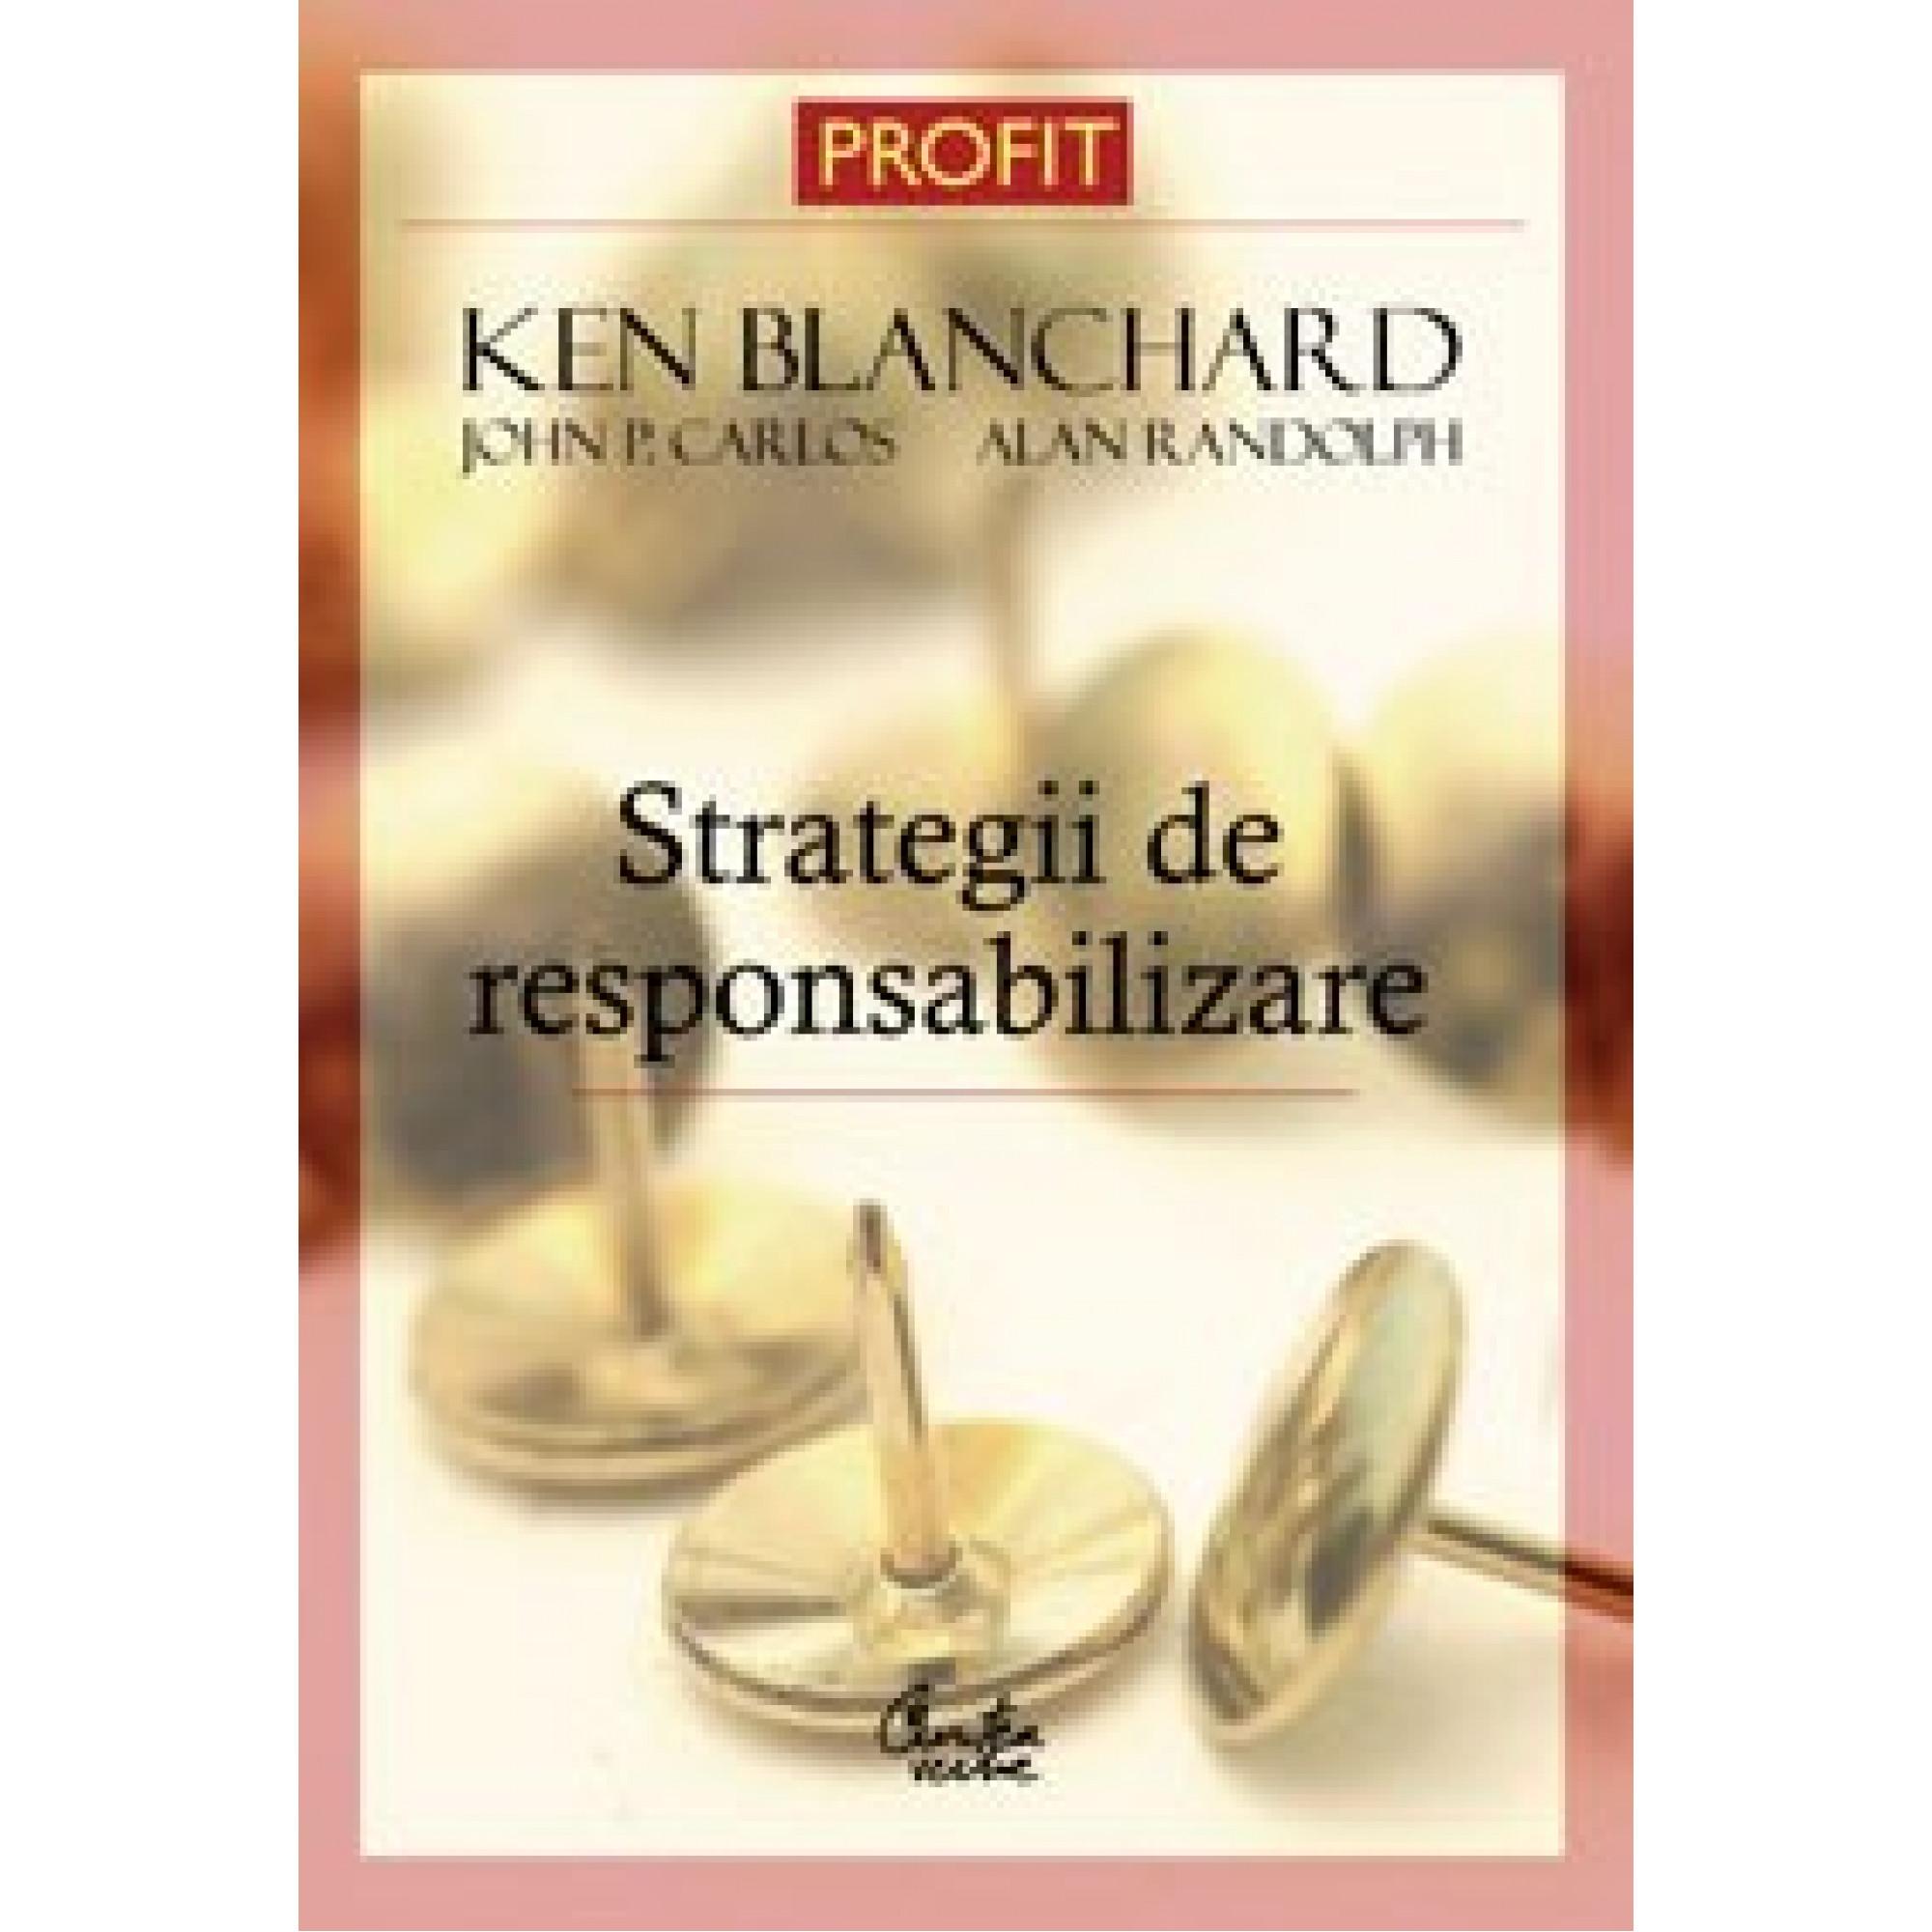 Strategii de responsabilizare a membrilor unei organizaţii - Ediţia a II-a revizuită; Ken Blanchard, John P. Carlos, Alan Randolph